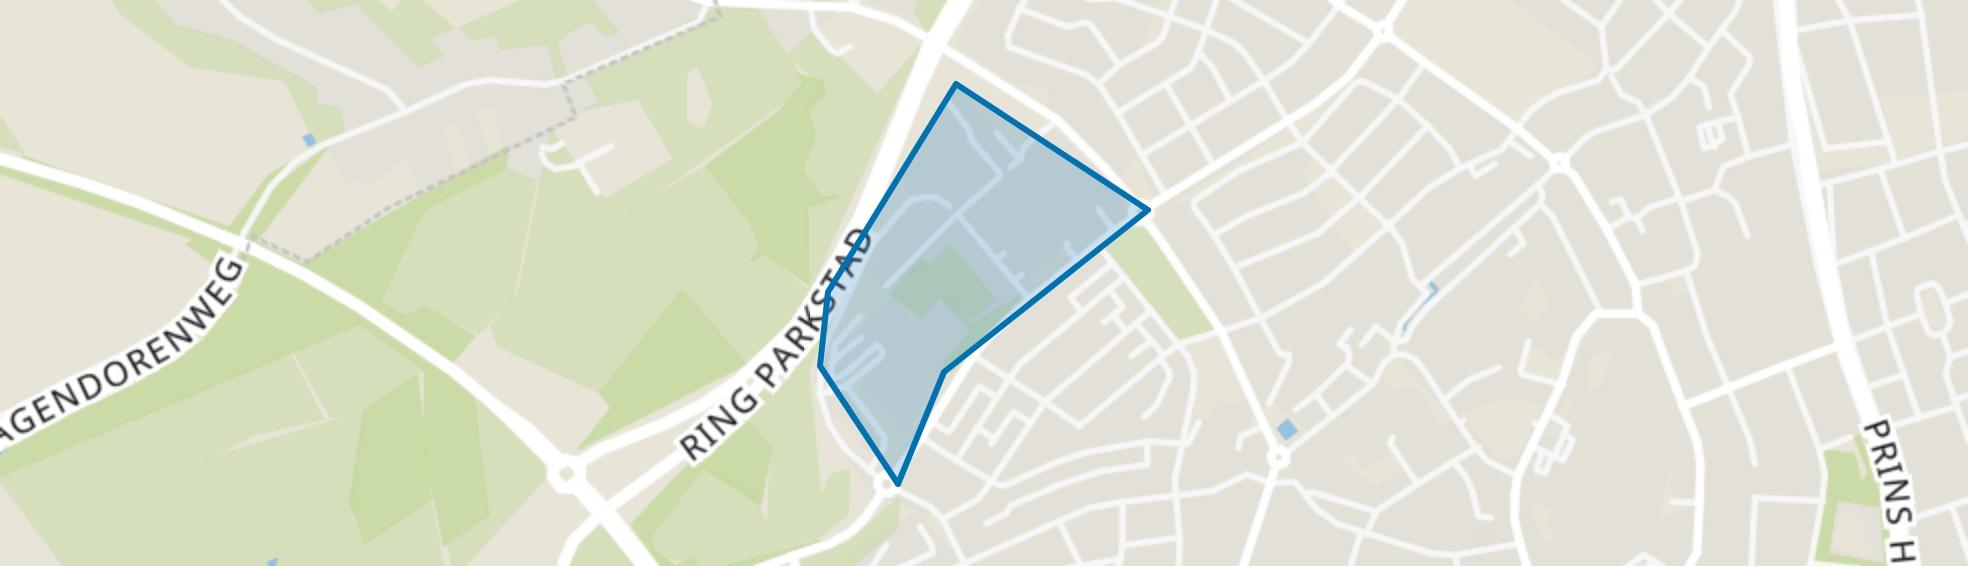 Lemmender, Brunssum map